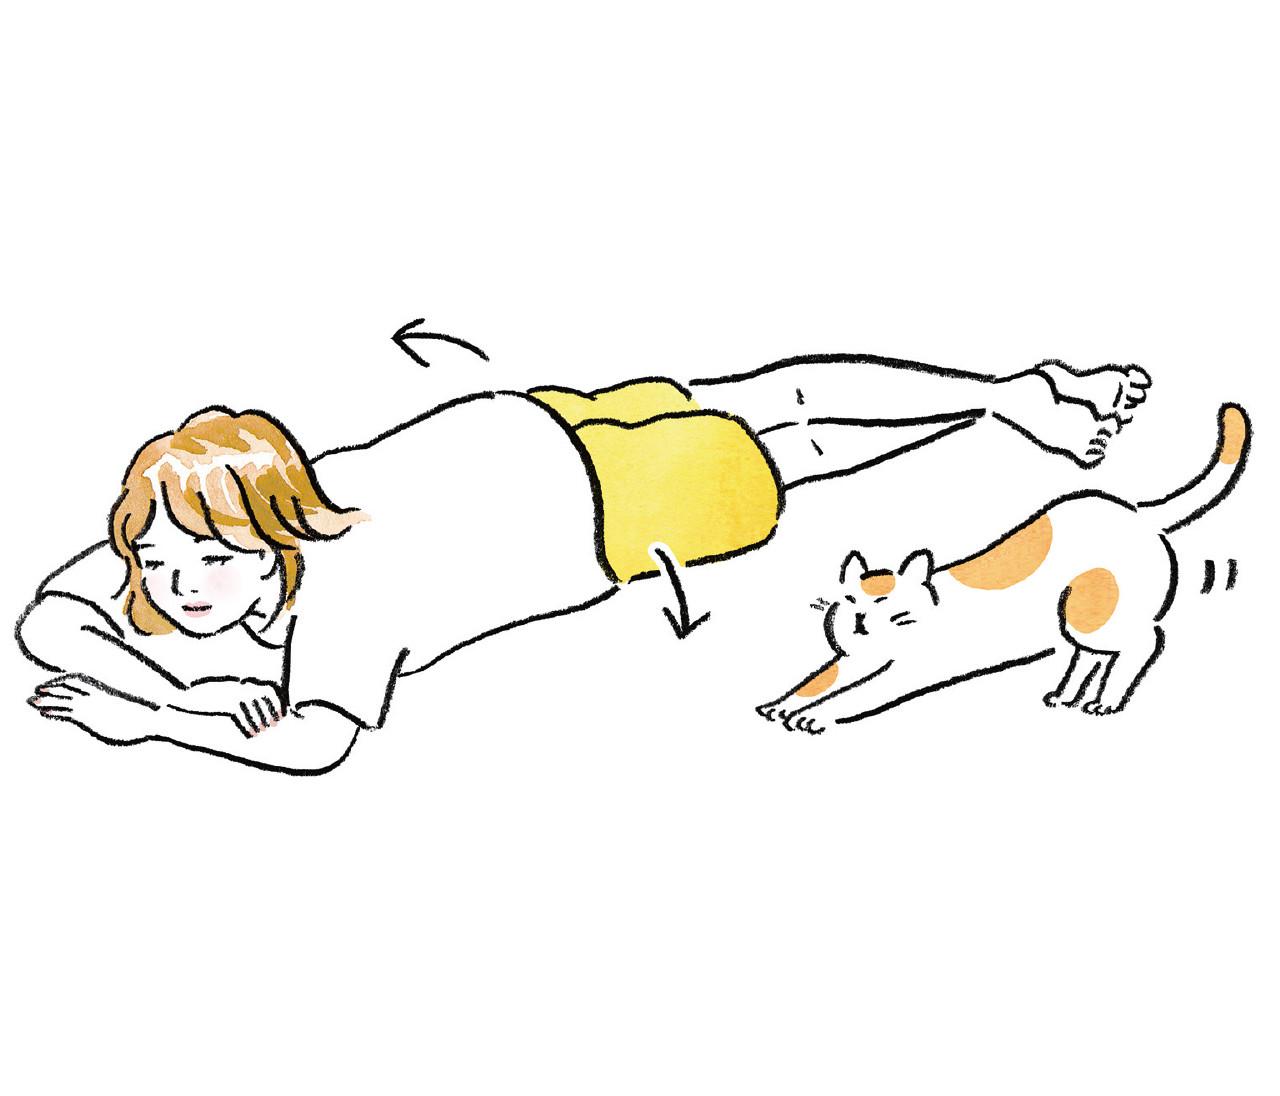 【デブ腸からやせ腸になる方法1】横向きよりうつ伏せ、筋トレよりウォーキング...今日から変えられる生活習慣4選!